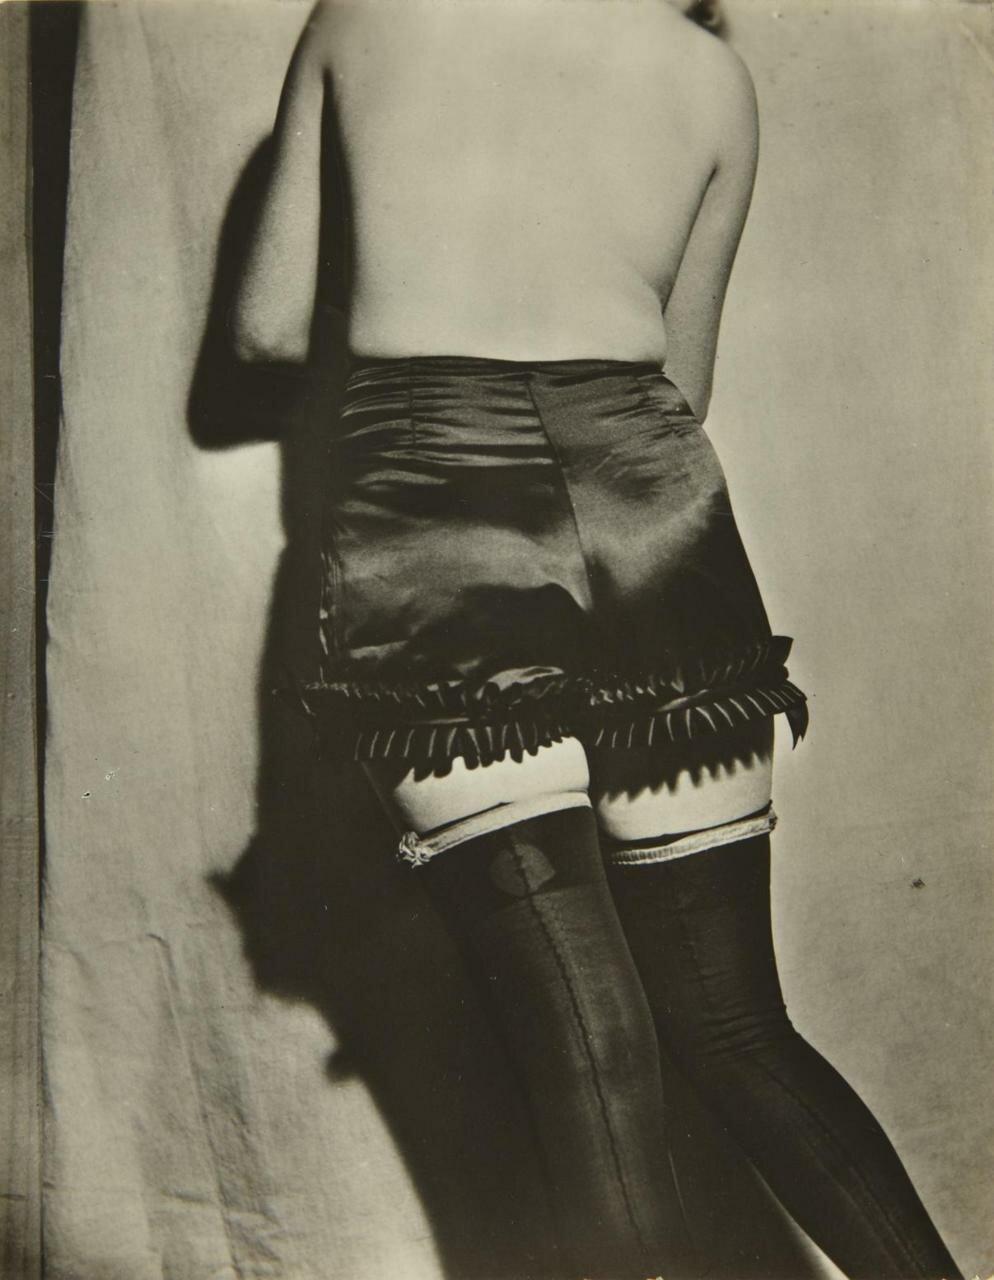 1932.  Реклама нижнего белья французской фирмы «Diana Slip». Панталоны «Искушение» из черного атласа